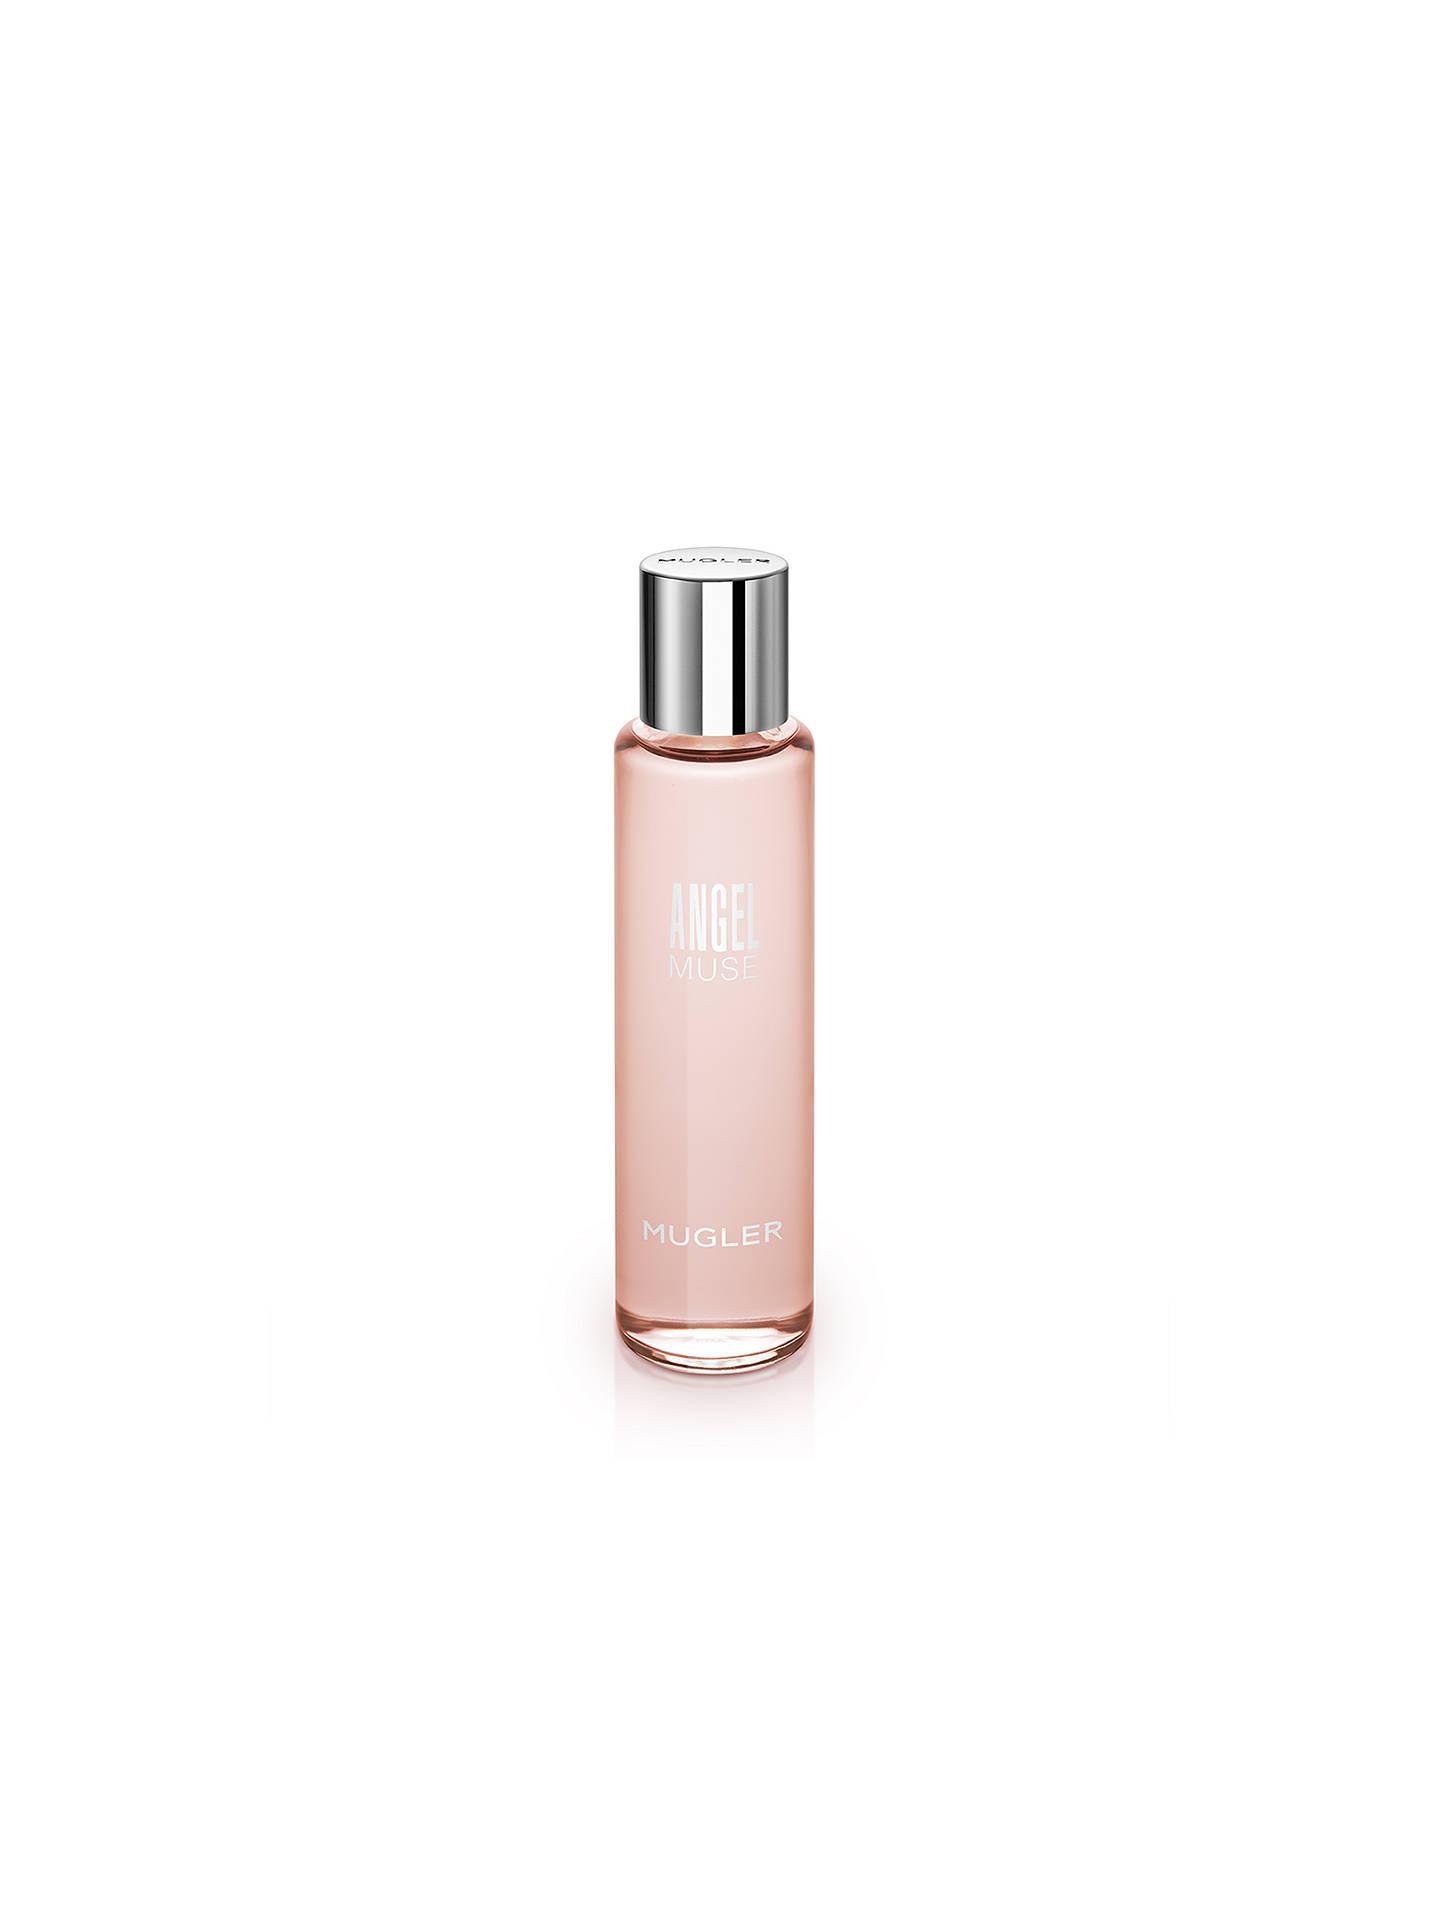 Mugler Angel Muse Eau De Parfum Refill Bottle 100ml At John Lewis